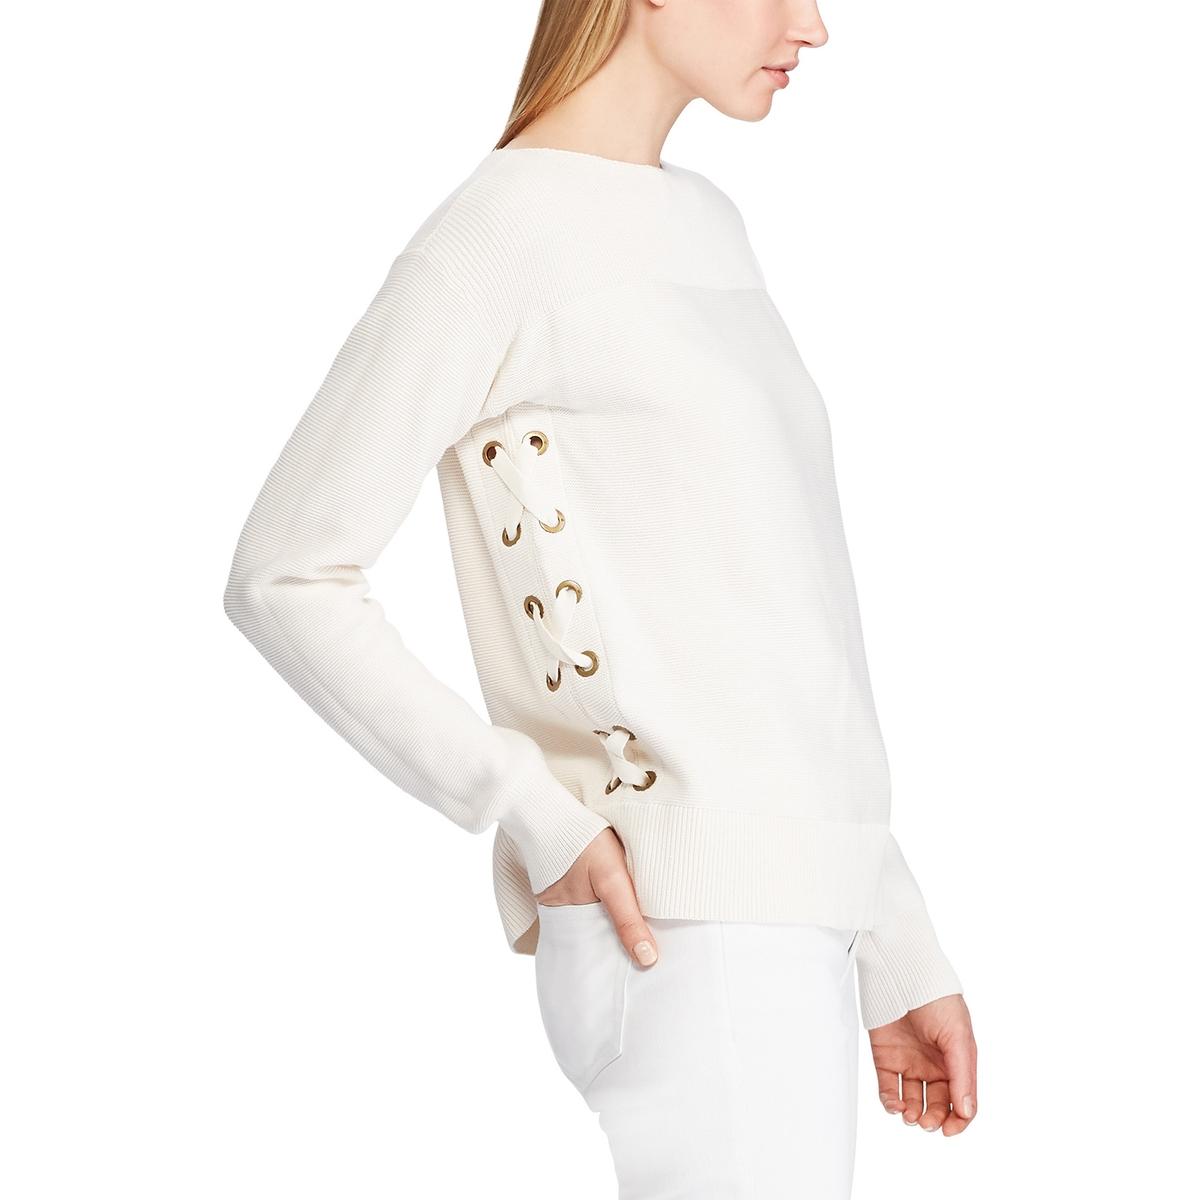 цена на Пуловер La Redoute Из тонкого трикотажа со шнуровкой L бежевый